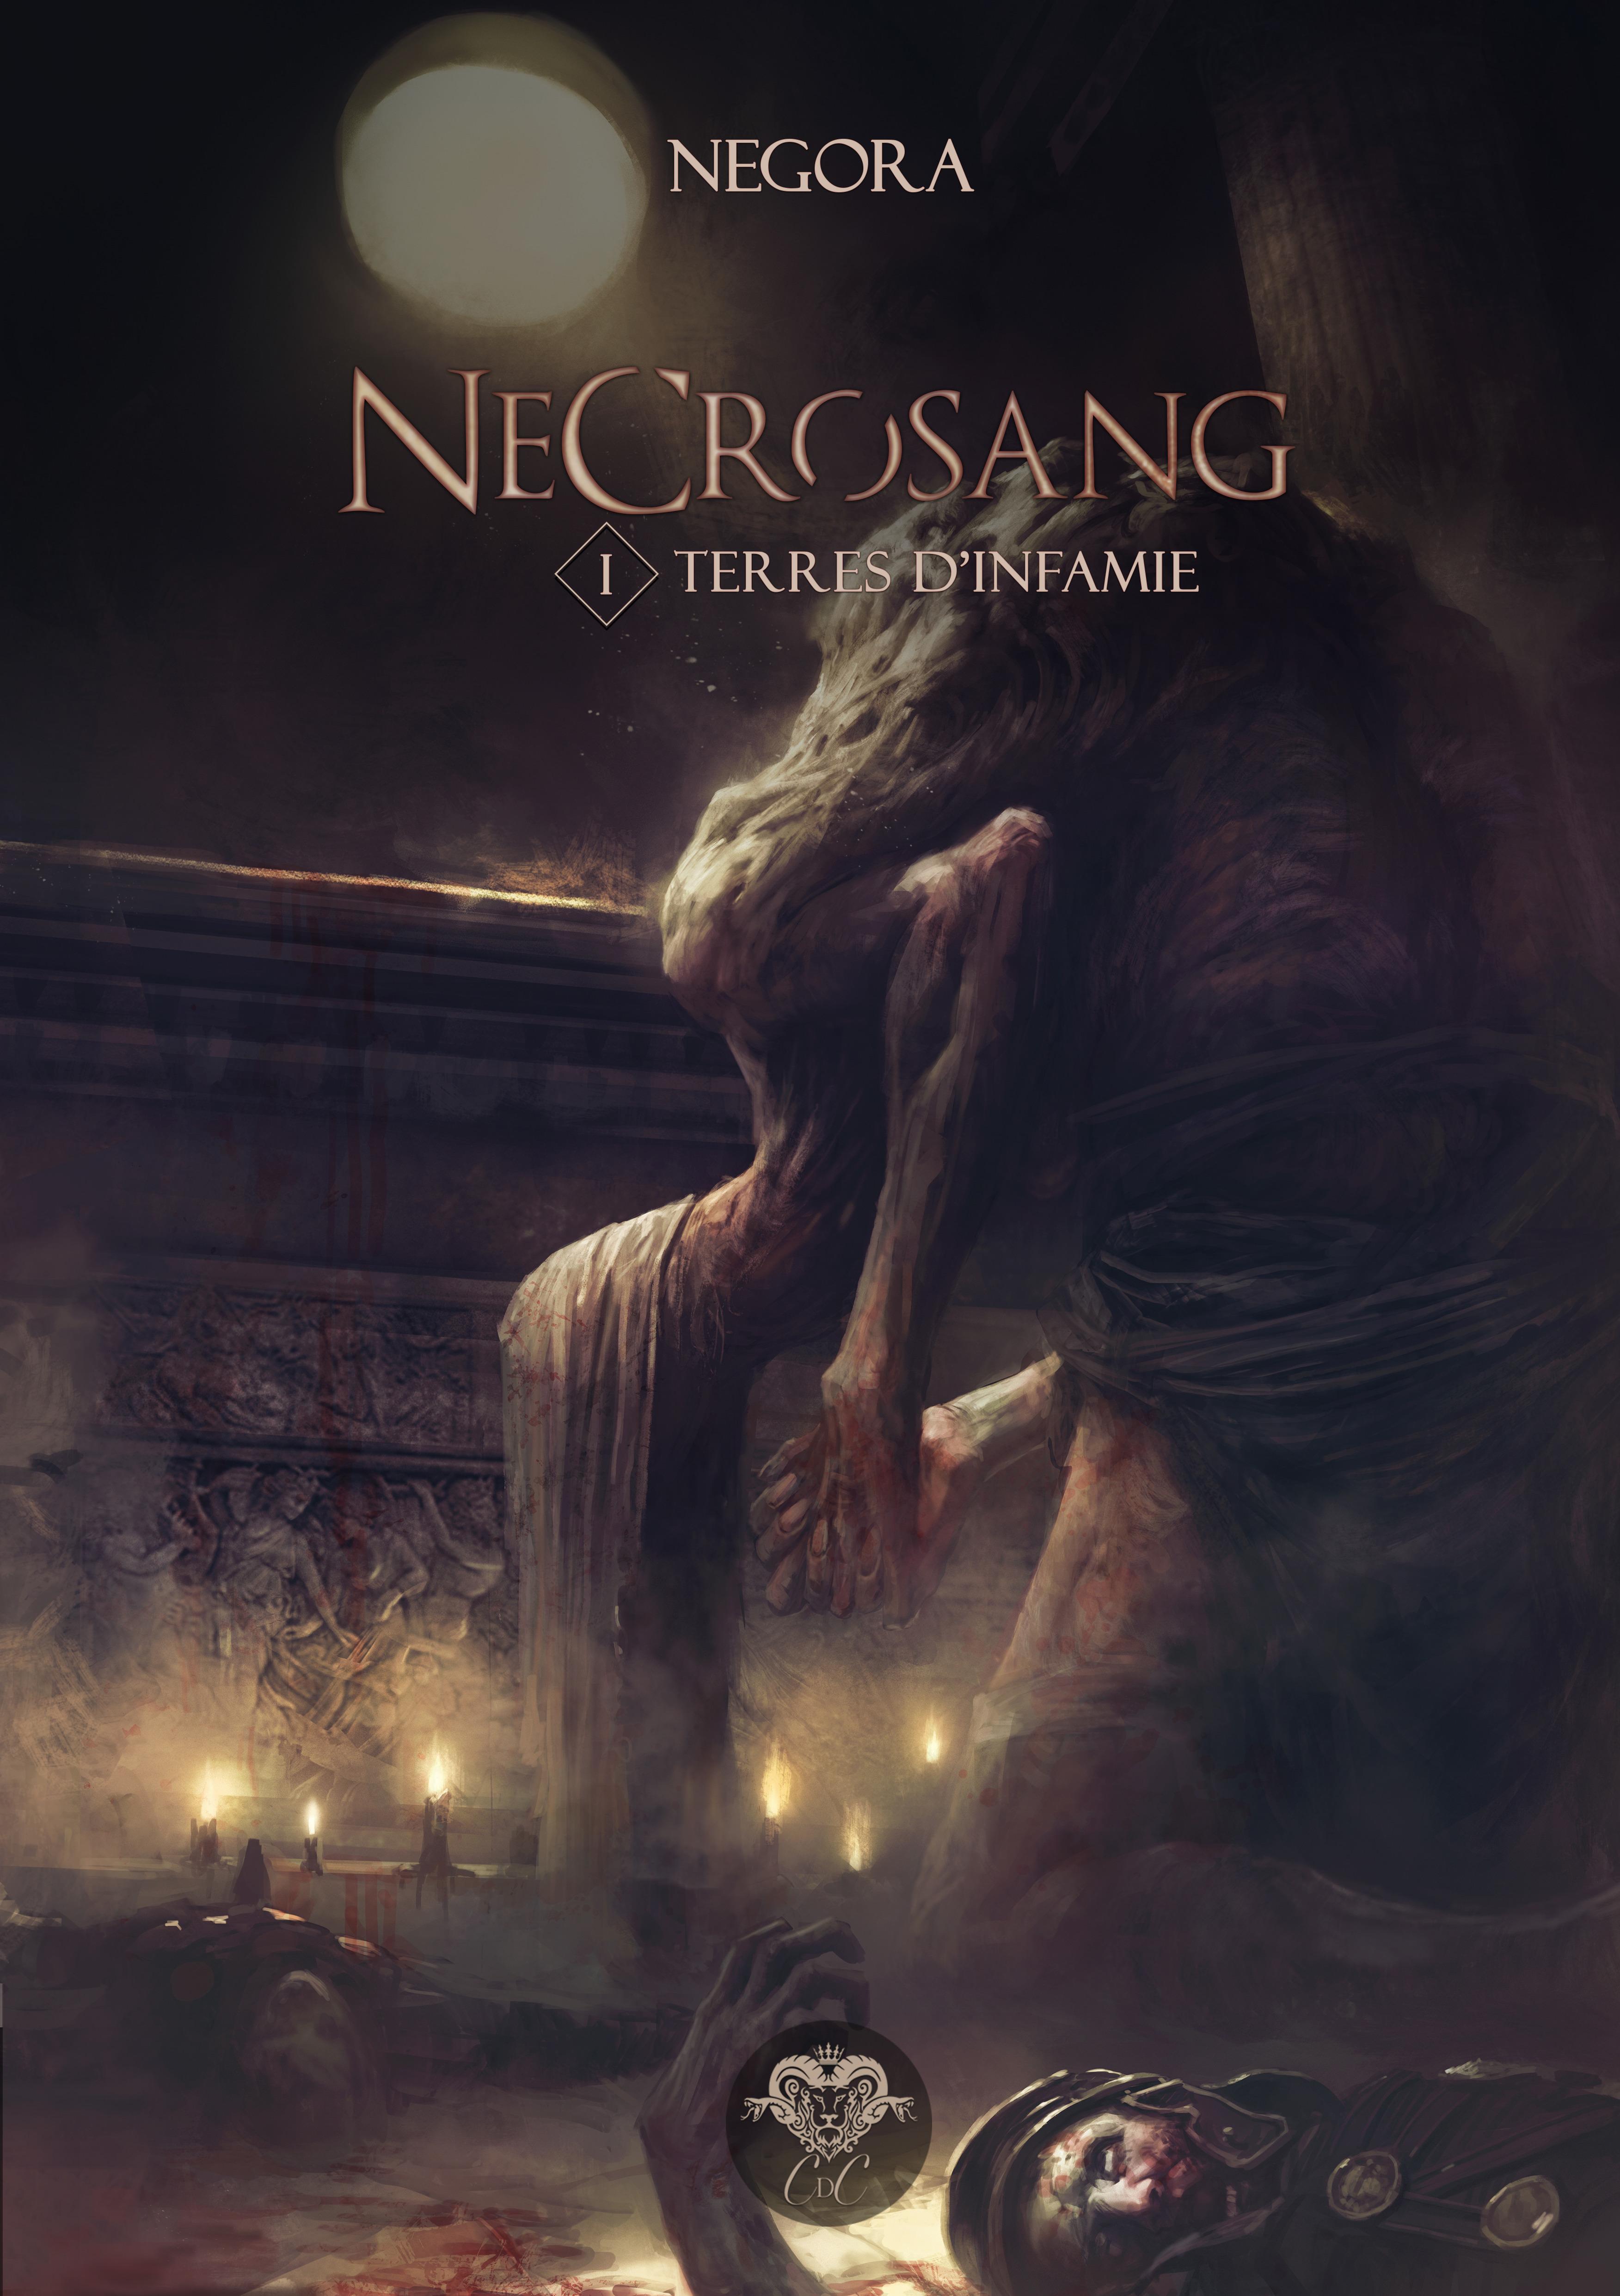 Necrosang